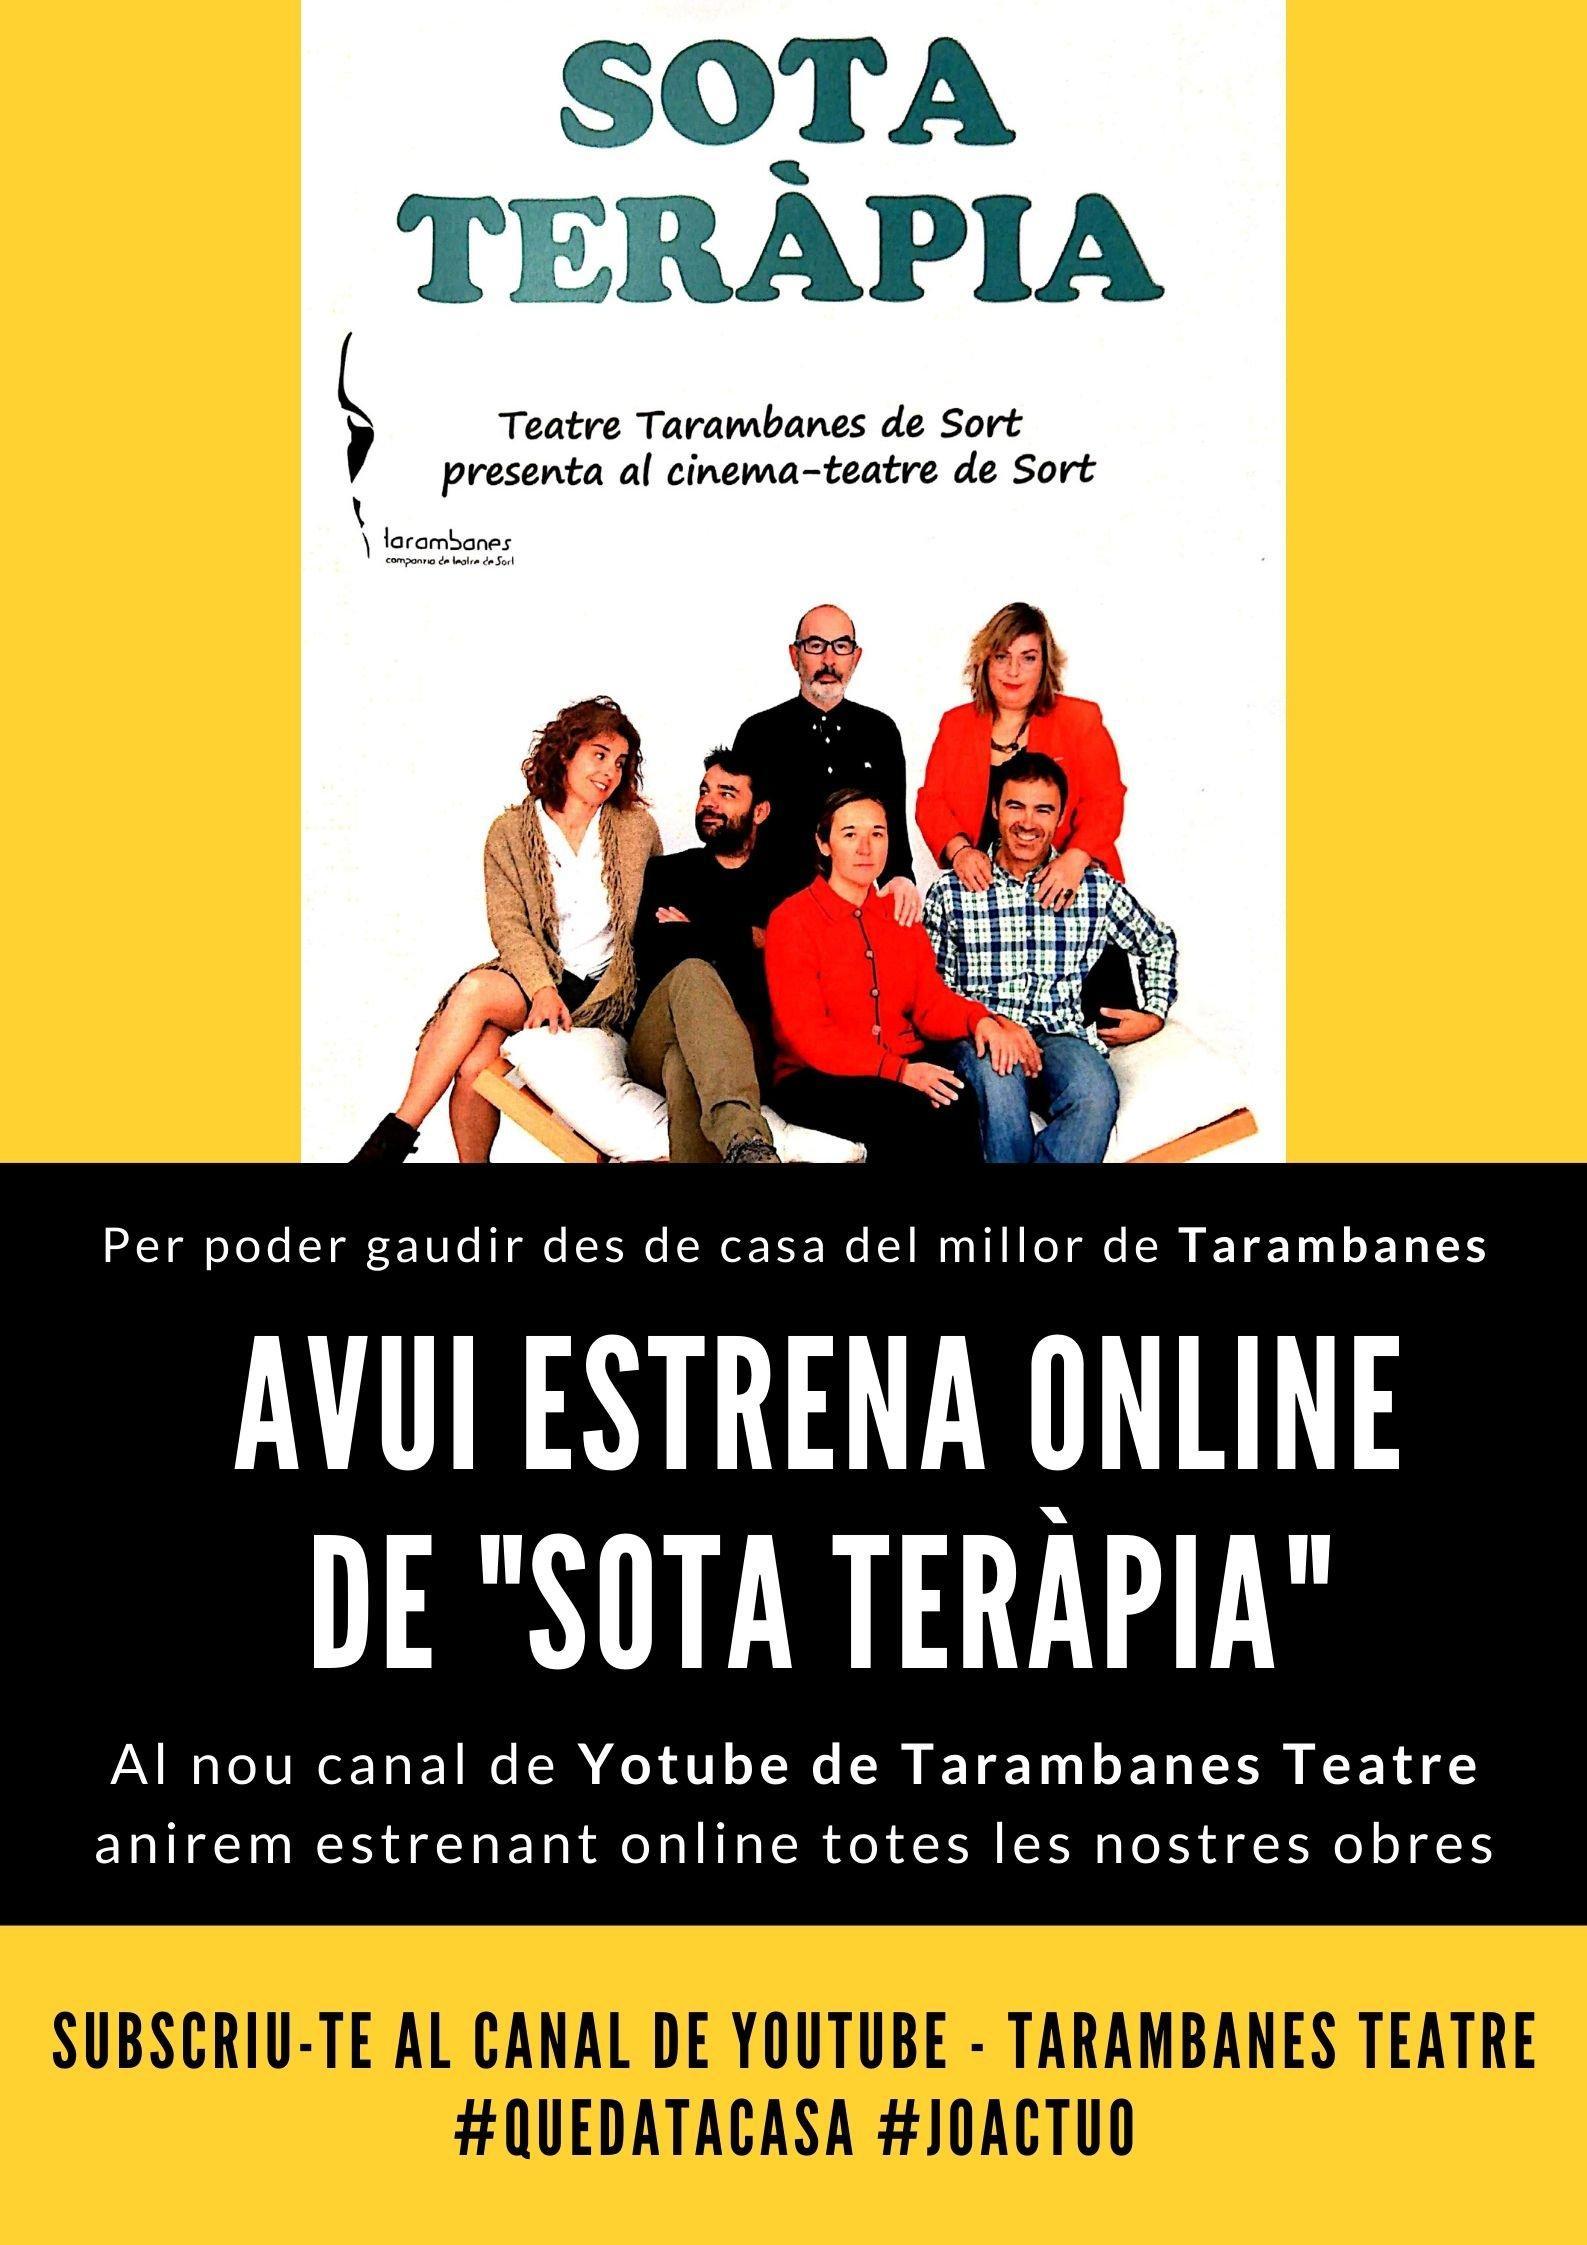 Gaudeix des de casa del teatre de Tarambanes!